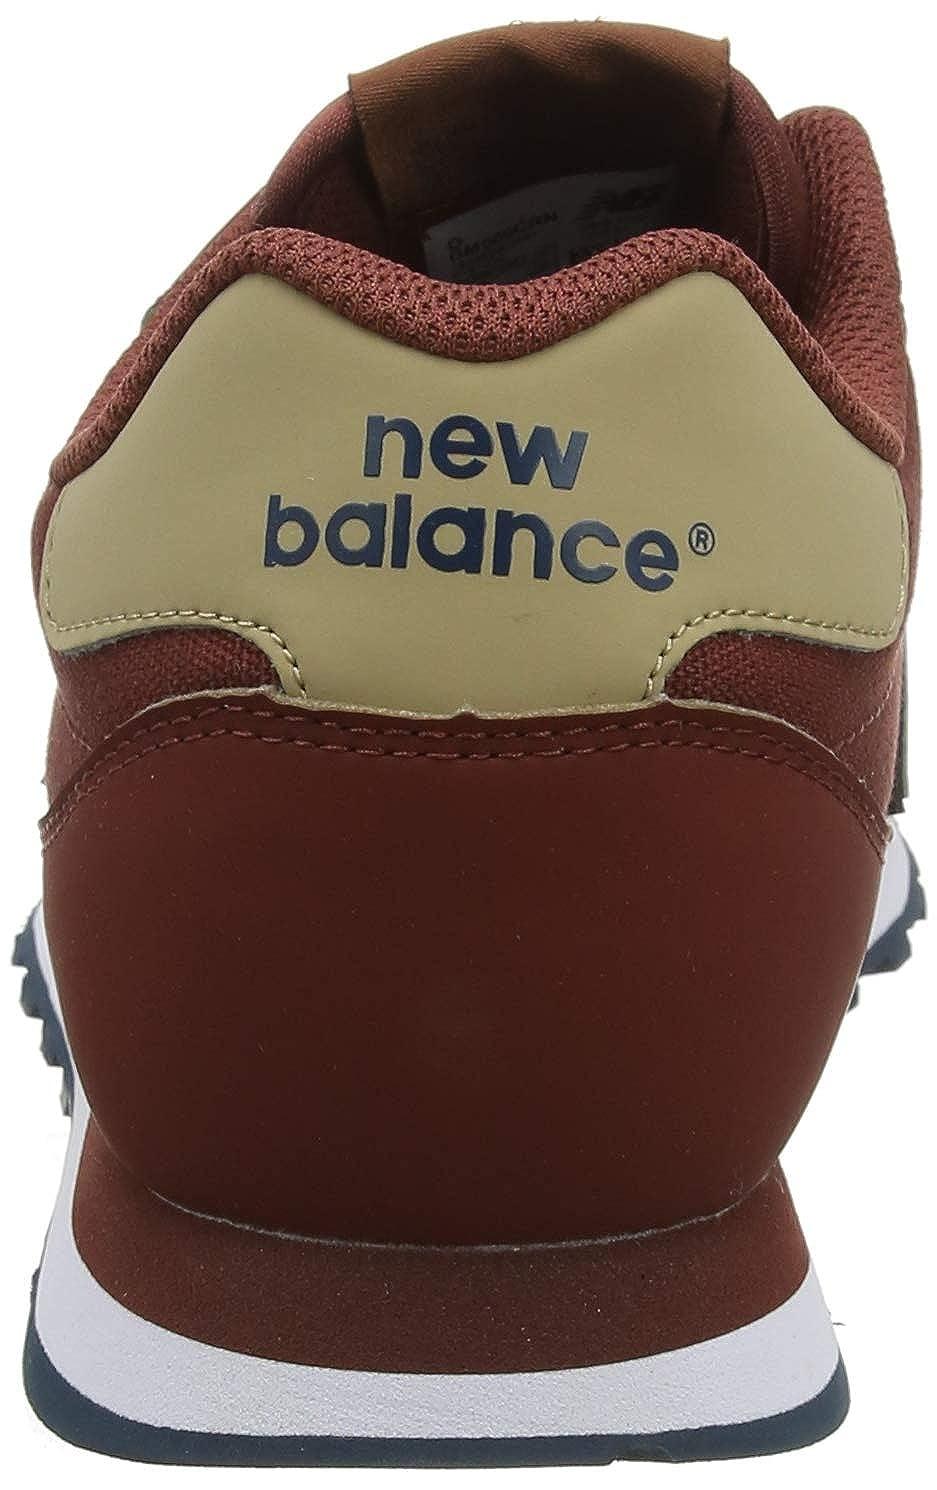 New Balance Balance Balance Herren 500 Turnschuhe  33e1cf